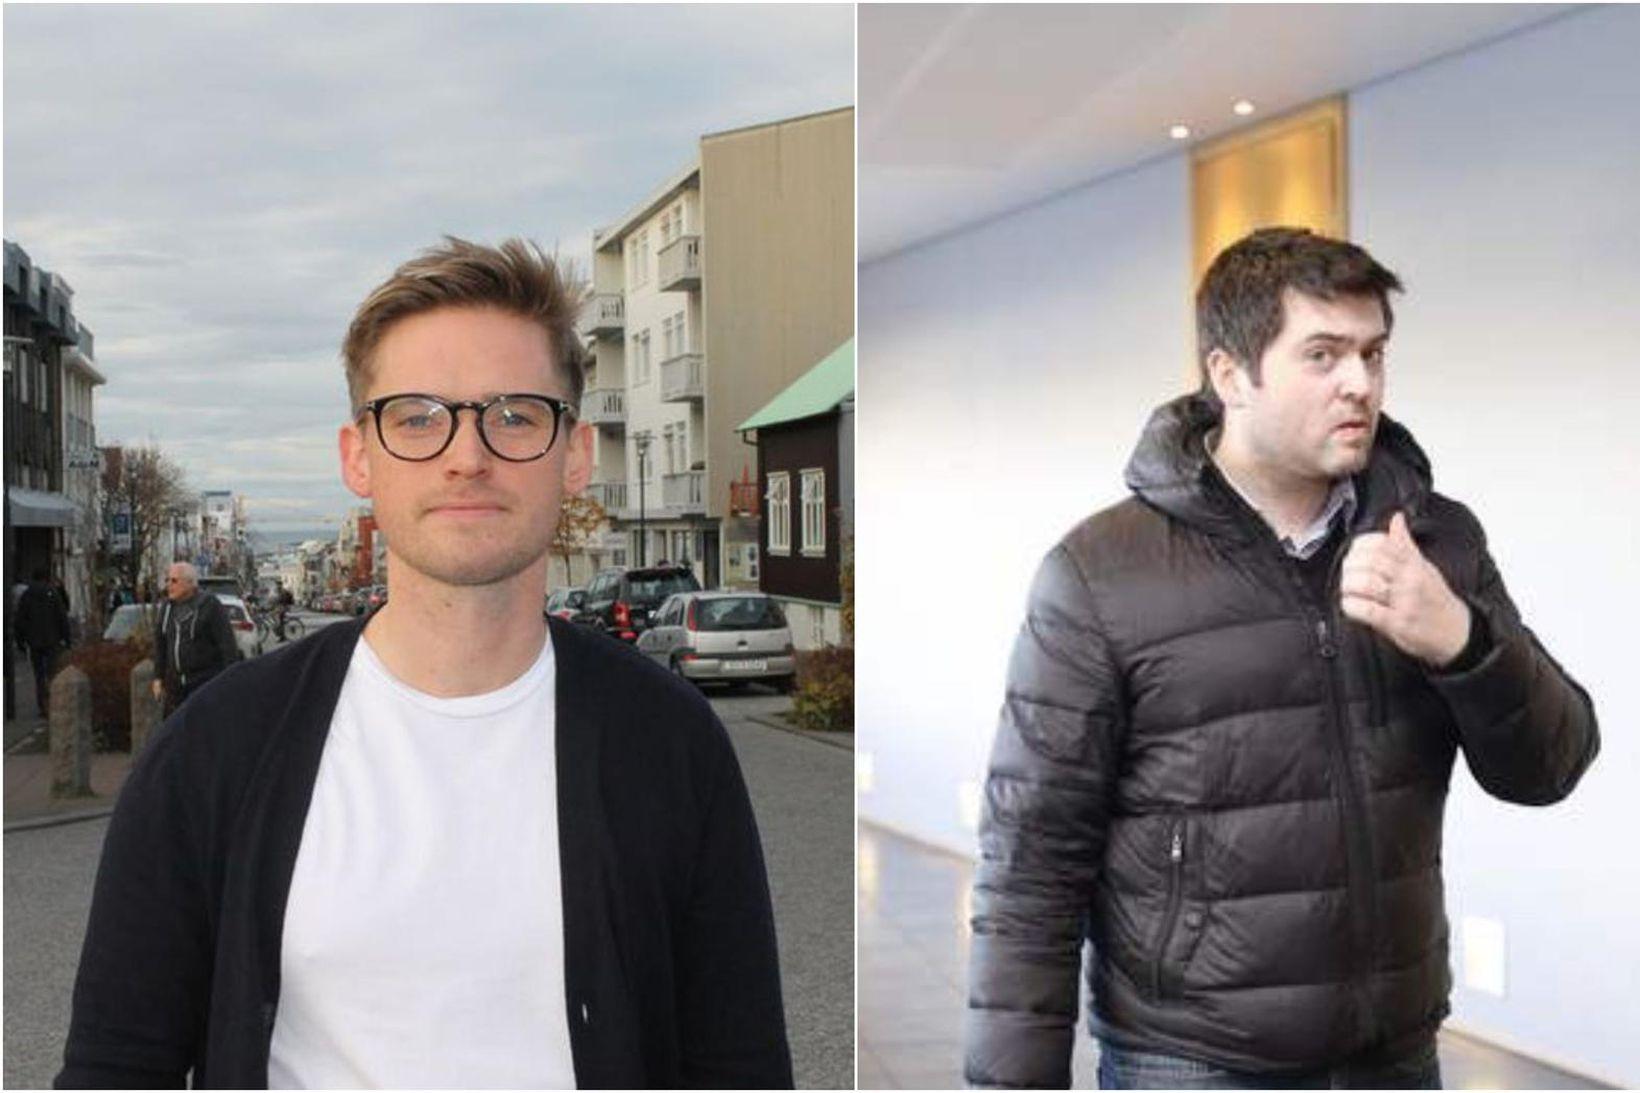 Bræðurnir Ágúst Arnar Ágústsson (t.v.) og Einar Ágústsson.